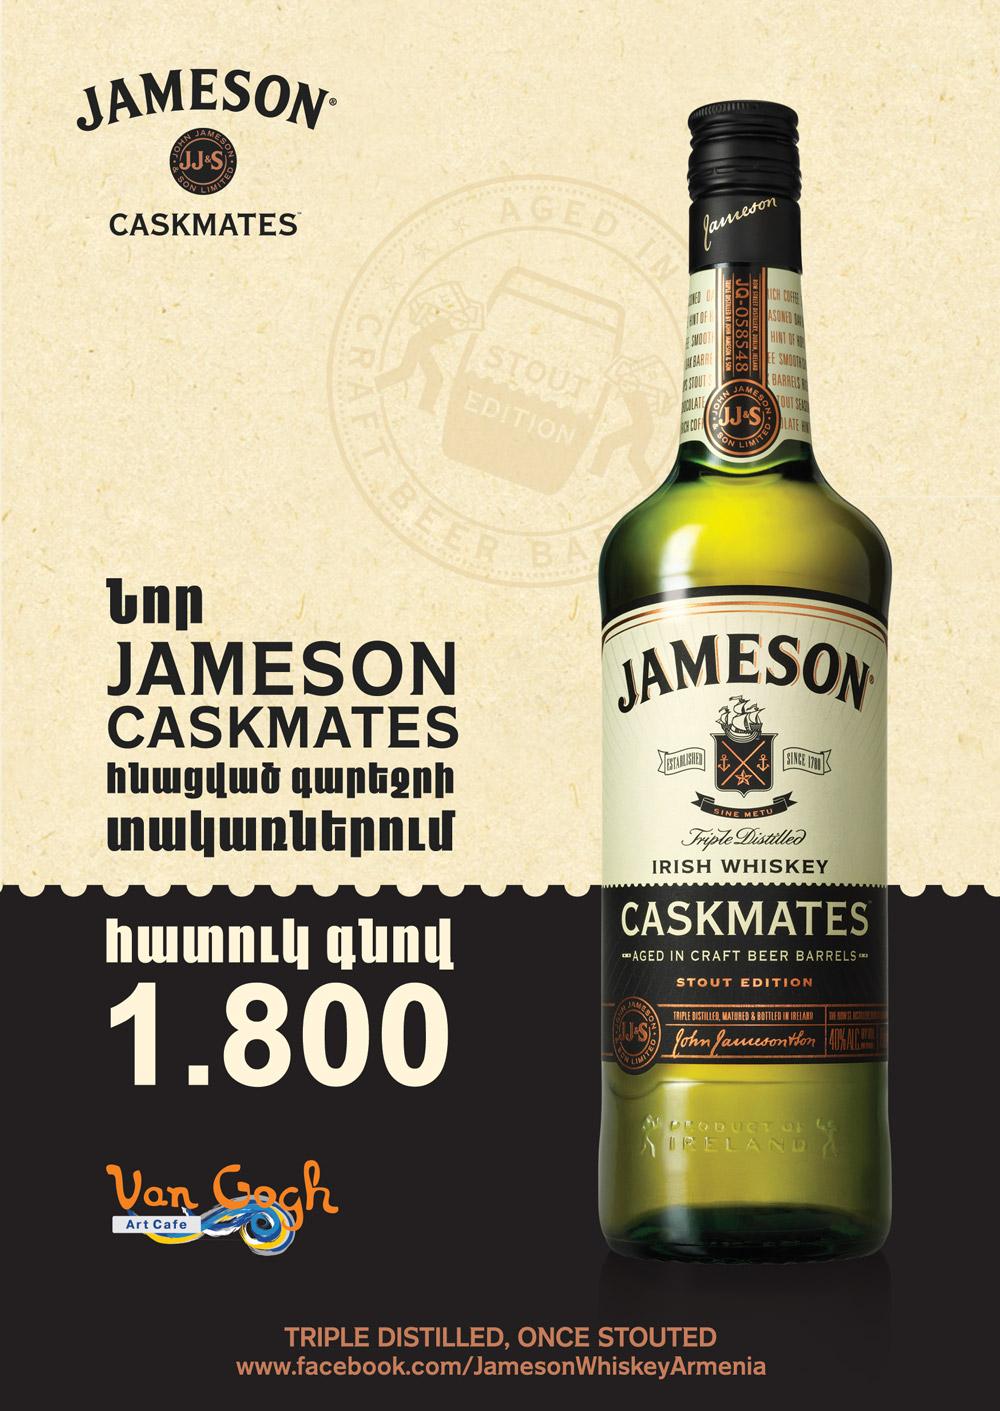 Jameson-Caskmates_pubs_1